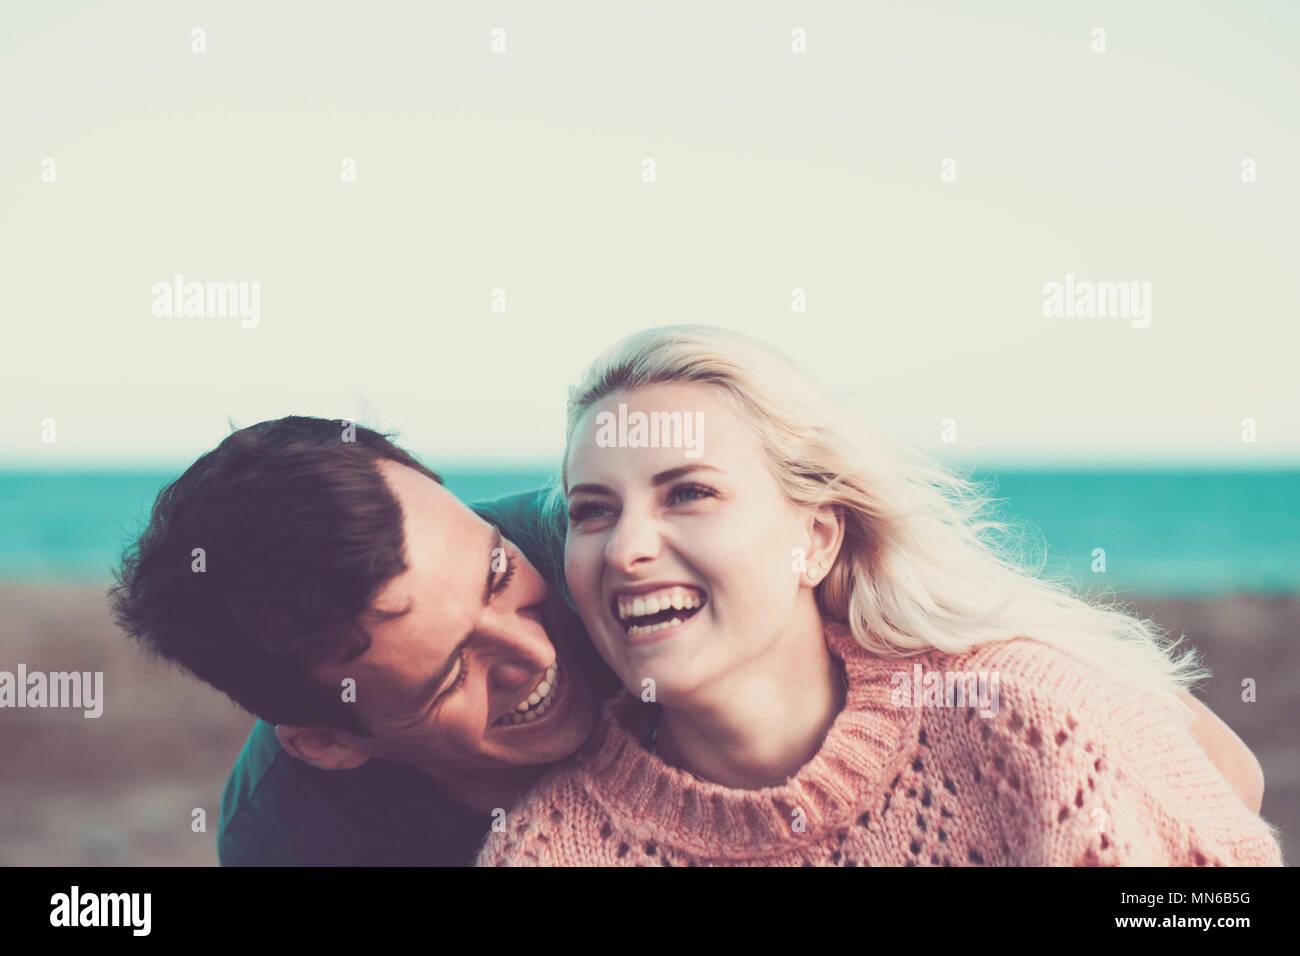 Junge kaukasier paar blonde und schwarze Haare bleiben zusammen, mit Freude und Liebe outdoor mit Strand und das Meer im Hintergrund. Freizeit Urlaub Konzept mit Stockbild